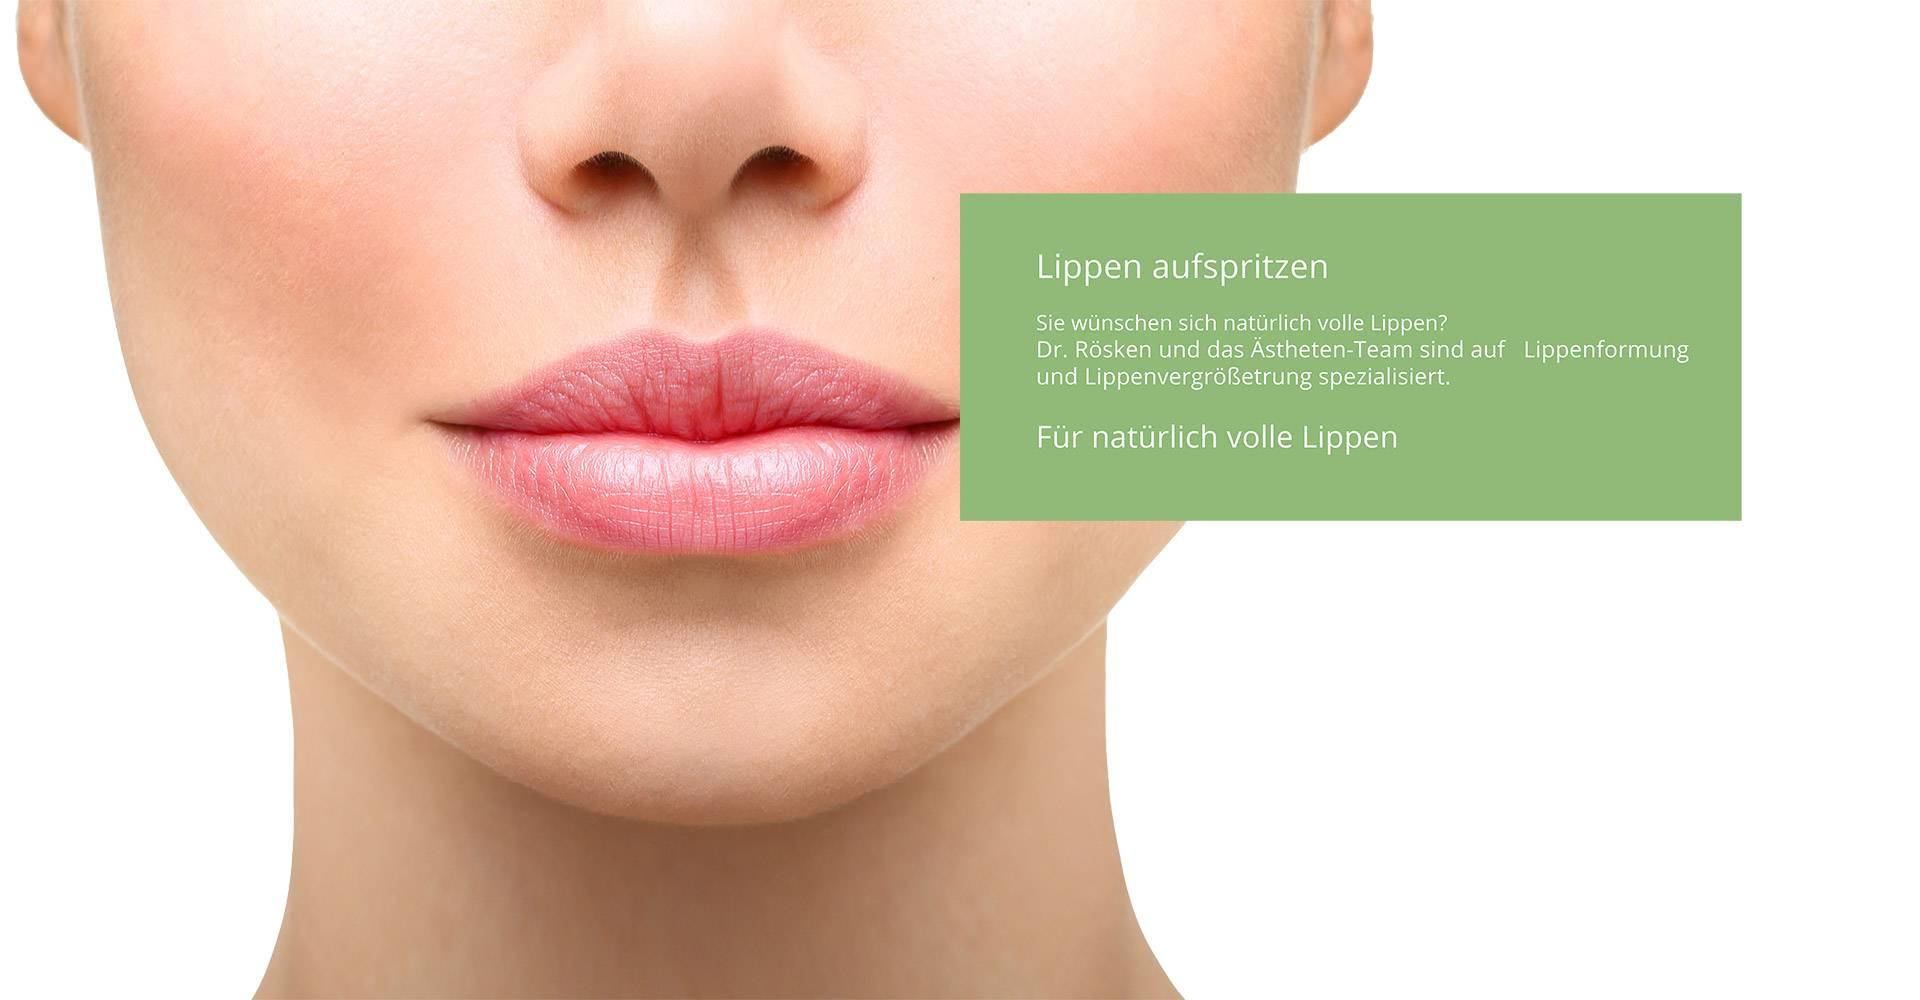 Lippenformung München